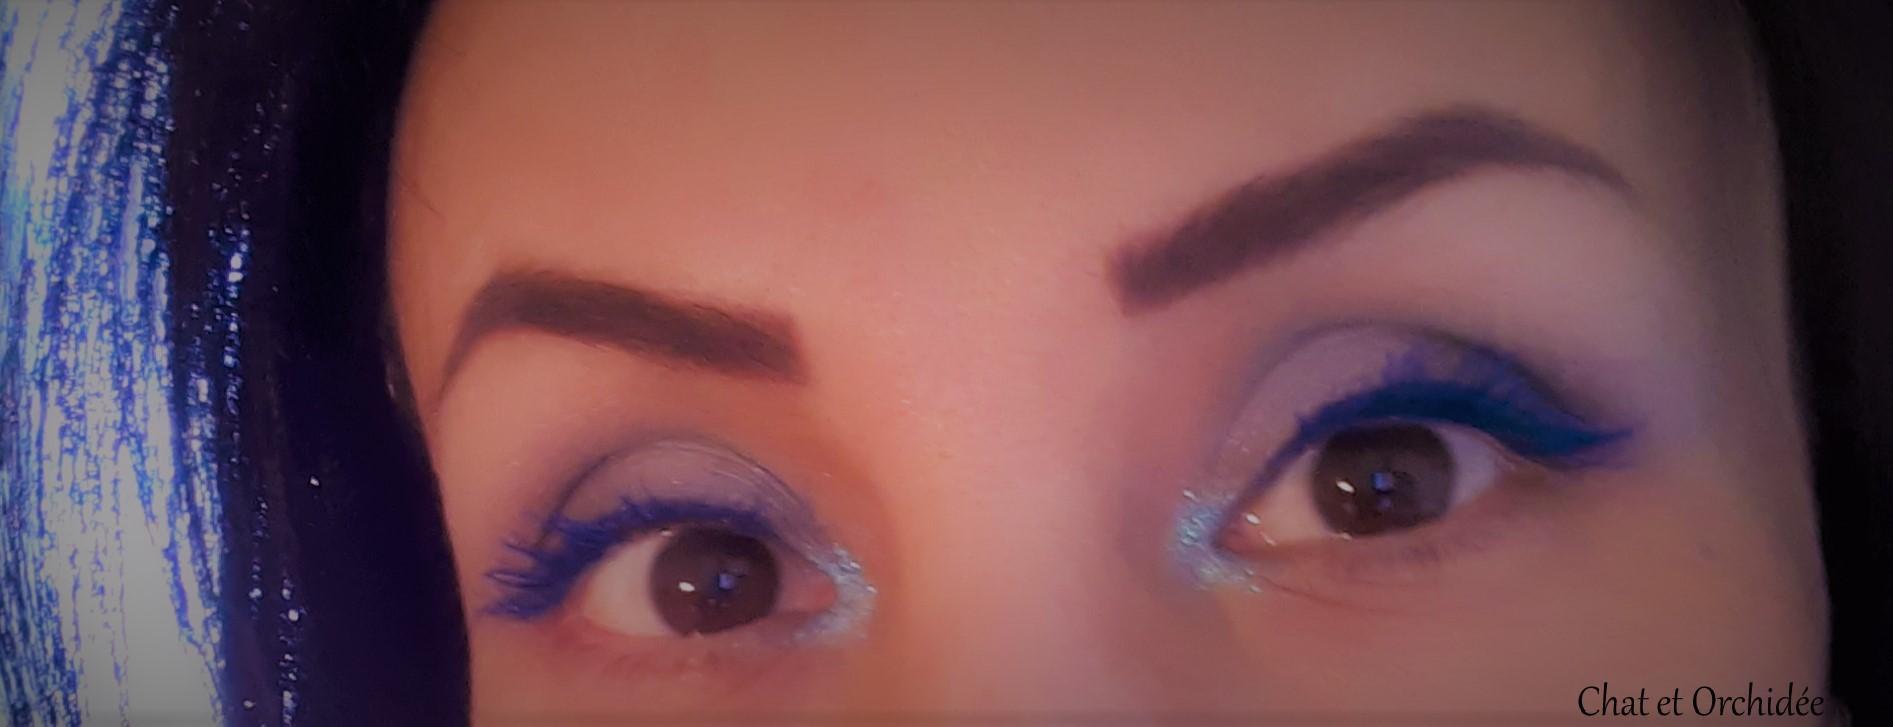 mascara bleu